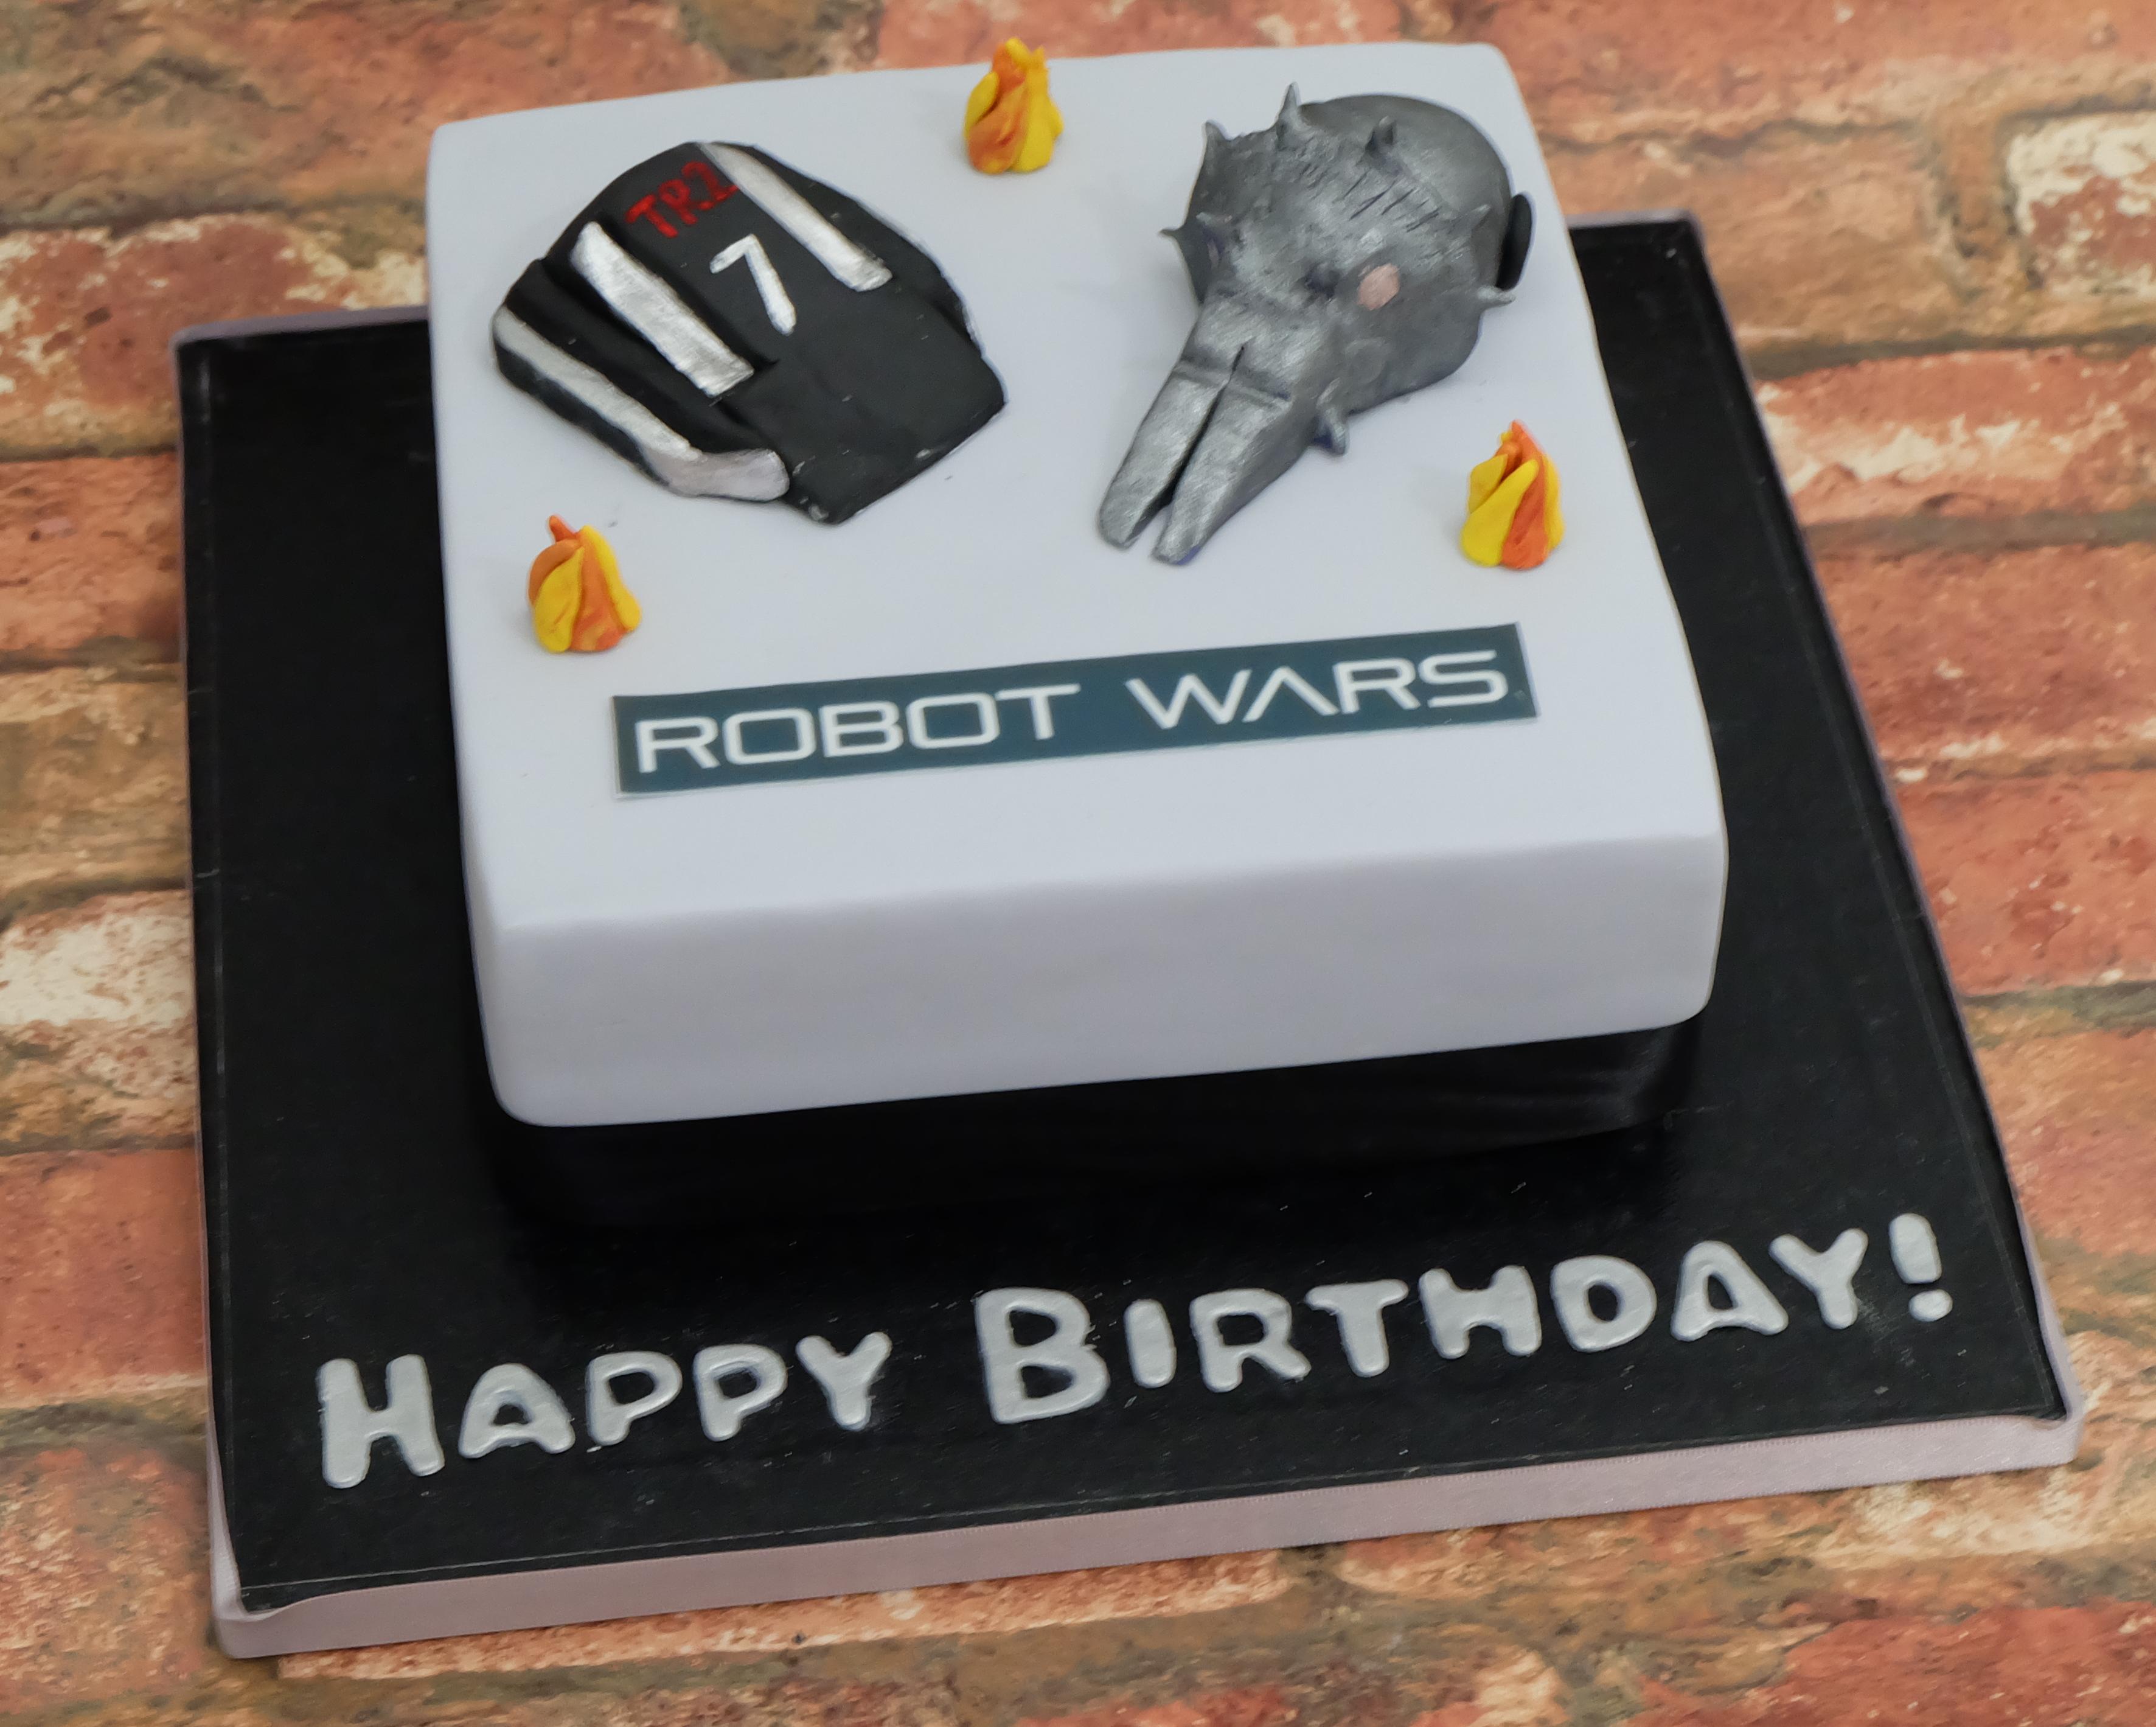 Robot Wars Cake